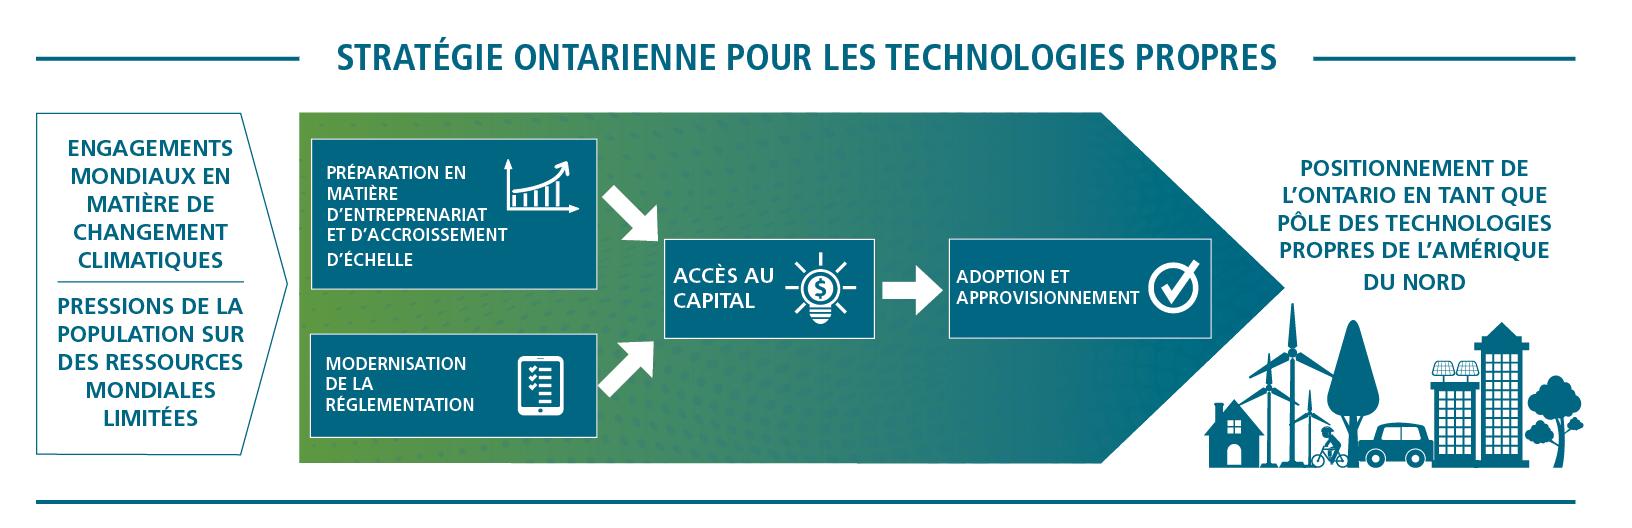 Le schéma suivant montre de quelle façon les quatre piliers de la Stratégie ontarienne pour les technologies propres interagissent pour faire de l'Ontario un pôle nord-américain des technologies propres et respecter les engagements de l'Ontario en matière de changement climatique.    Les pilliers « Préparation en matière d'entrepreneuriat et d'accroissement d'échelle » et « Modernisation de la réglementation » interagissent pour aider les entreprises à accroître leur « Accès au capital », soit le pilier 2. Une fois qu'une entreprise a obtenu l'accès au capital, l'« Adoption et approvisionnement », soit le pilier 4, permet d'assurer rapidement l'adoption et l'approvisionnement de ces technologies.